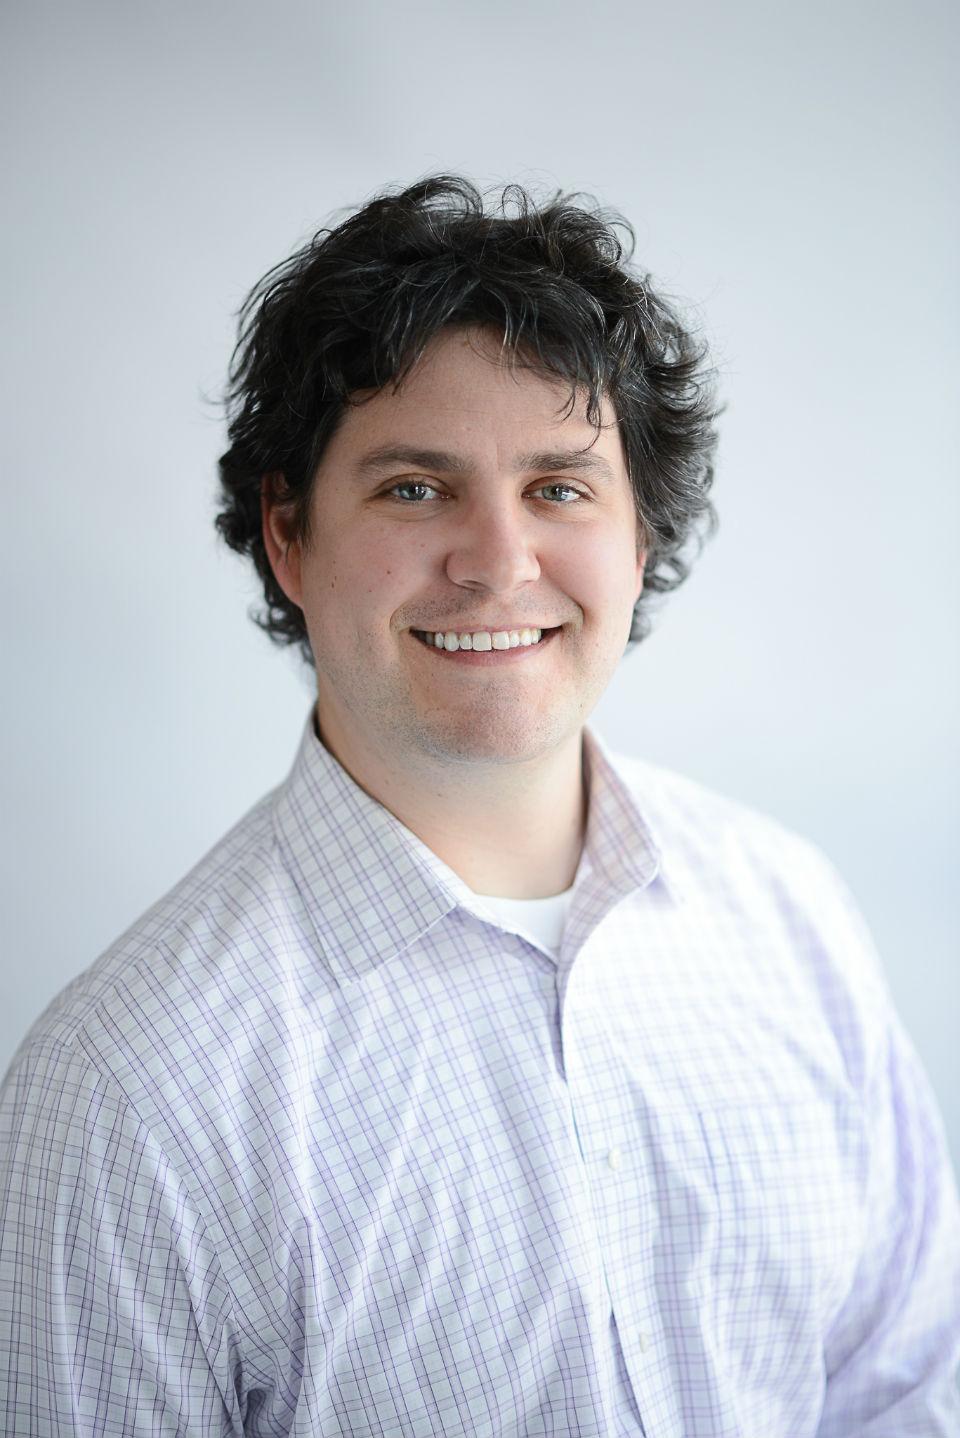 Michael Tilleman